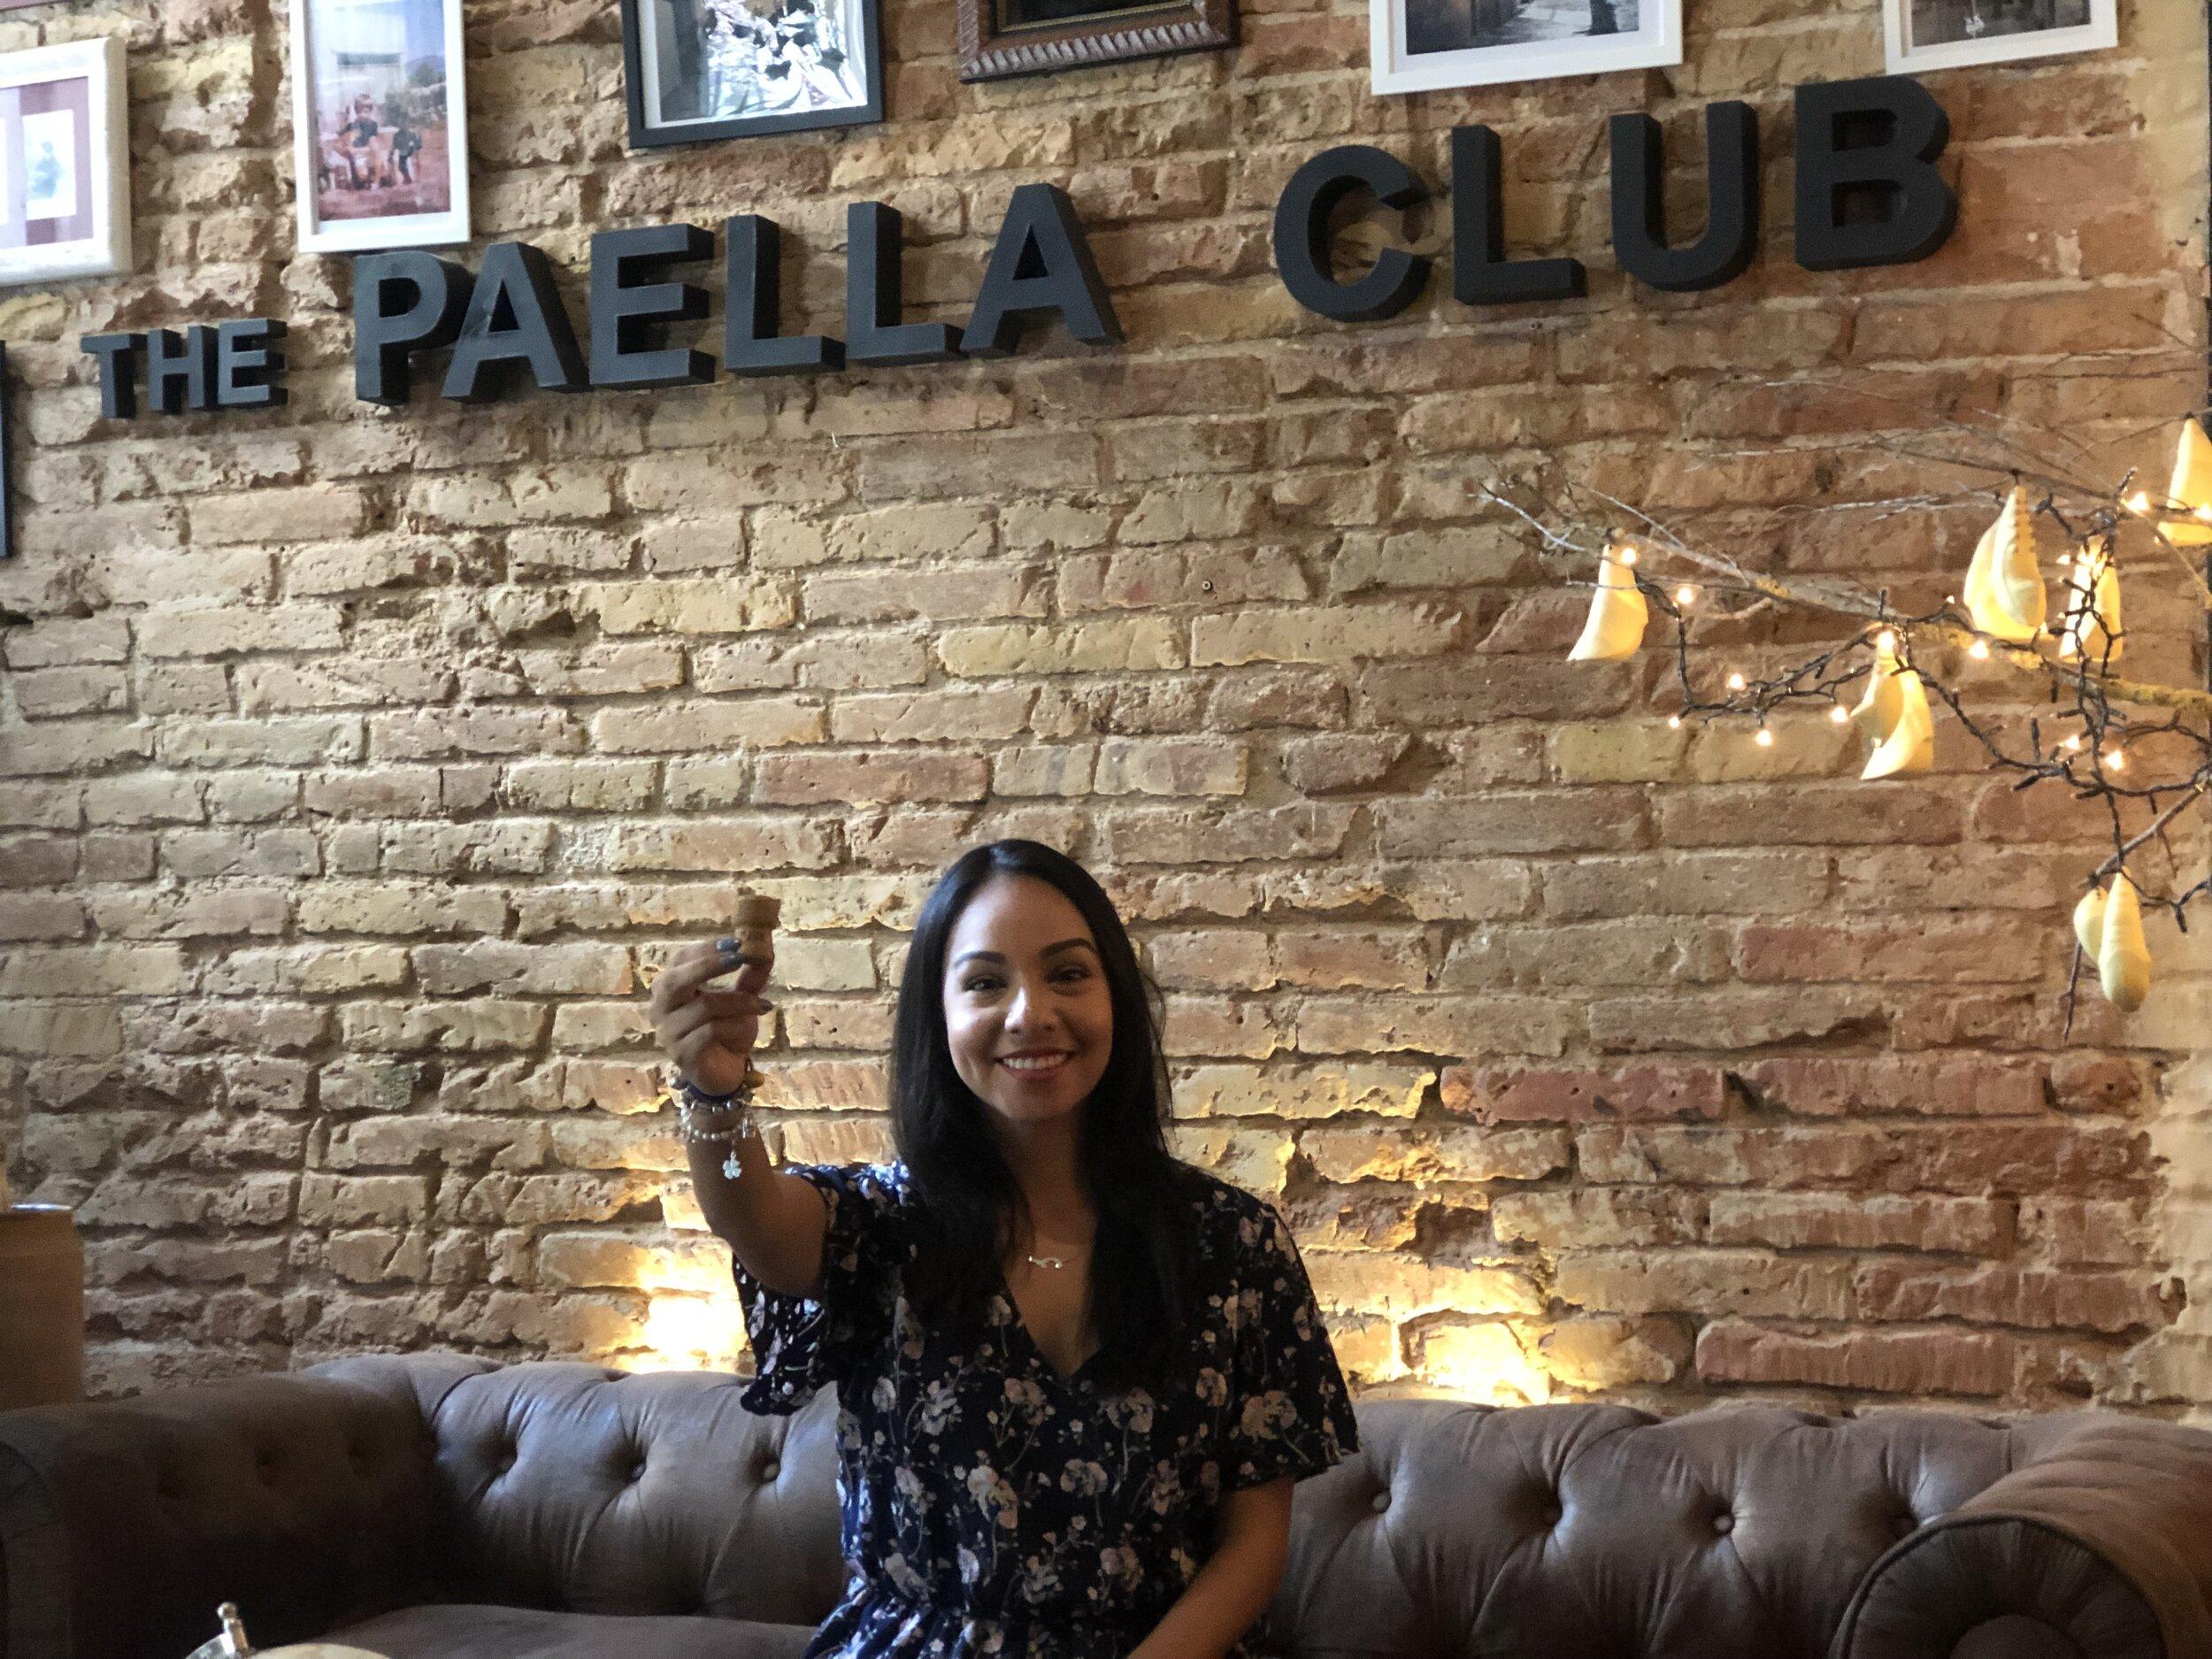 Marina muestra orgullosamente un corcho, una pieza clave para el proyecto Aflote, frente al logo de The Paella Club, en la entrada del restaurante, al principio de la entrevista.